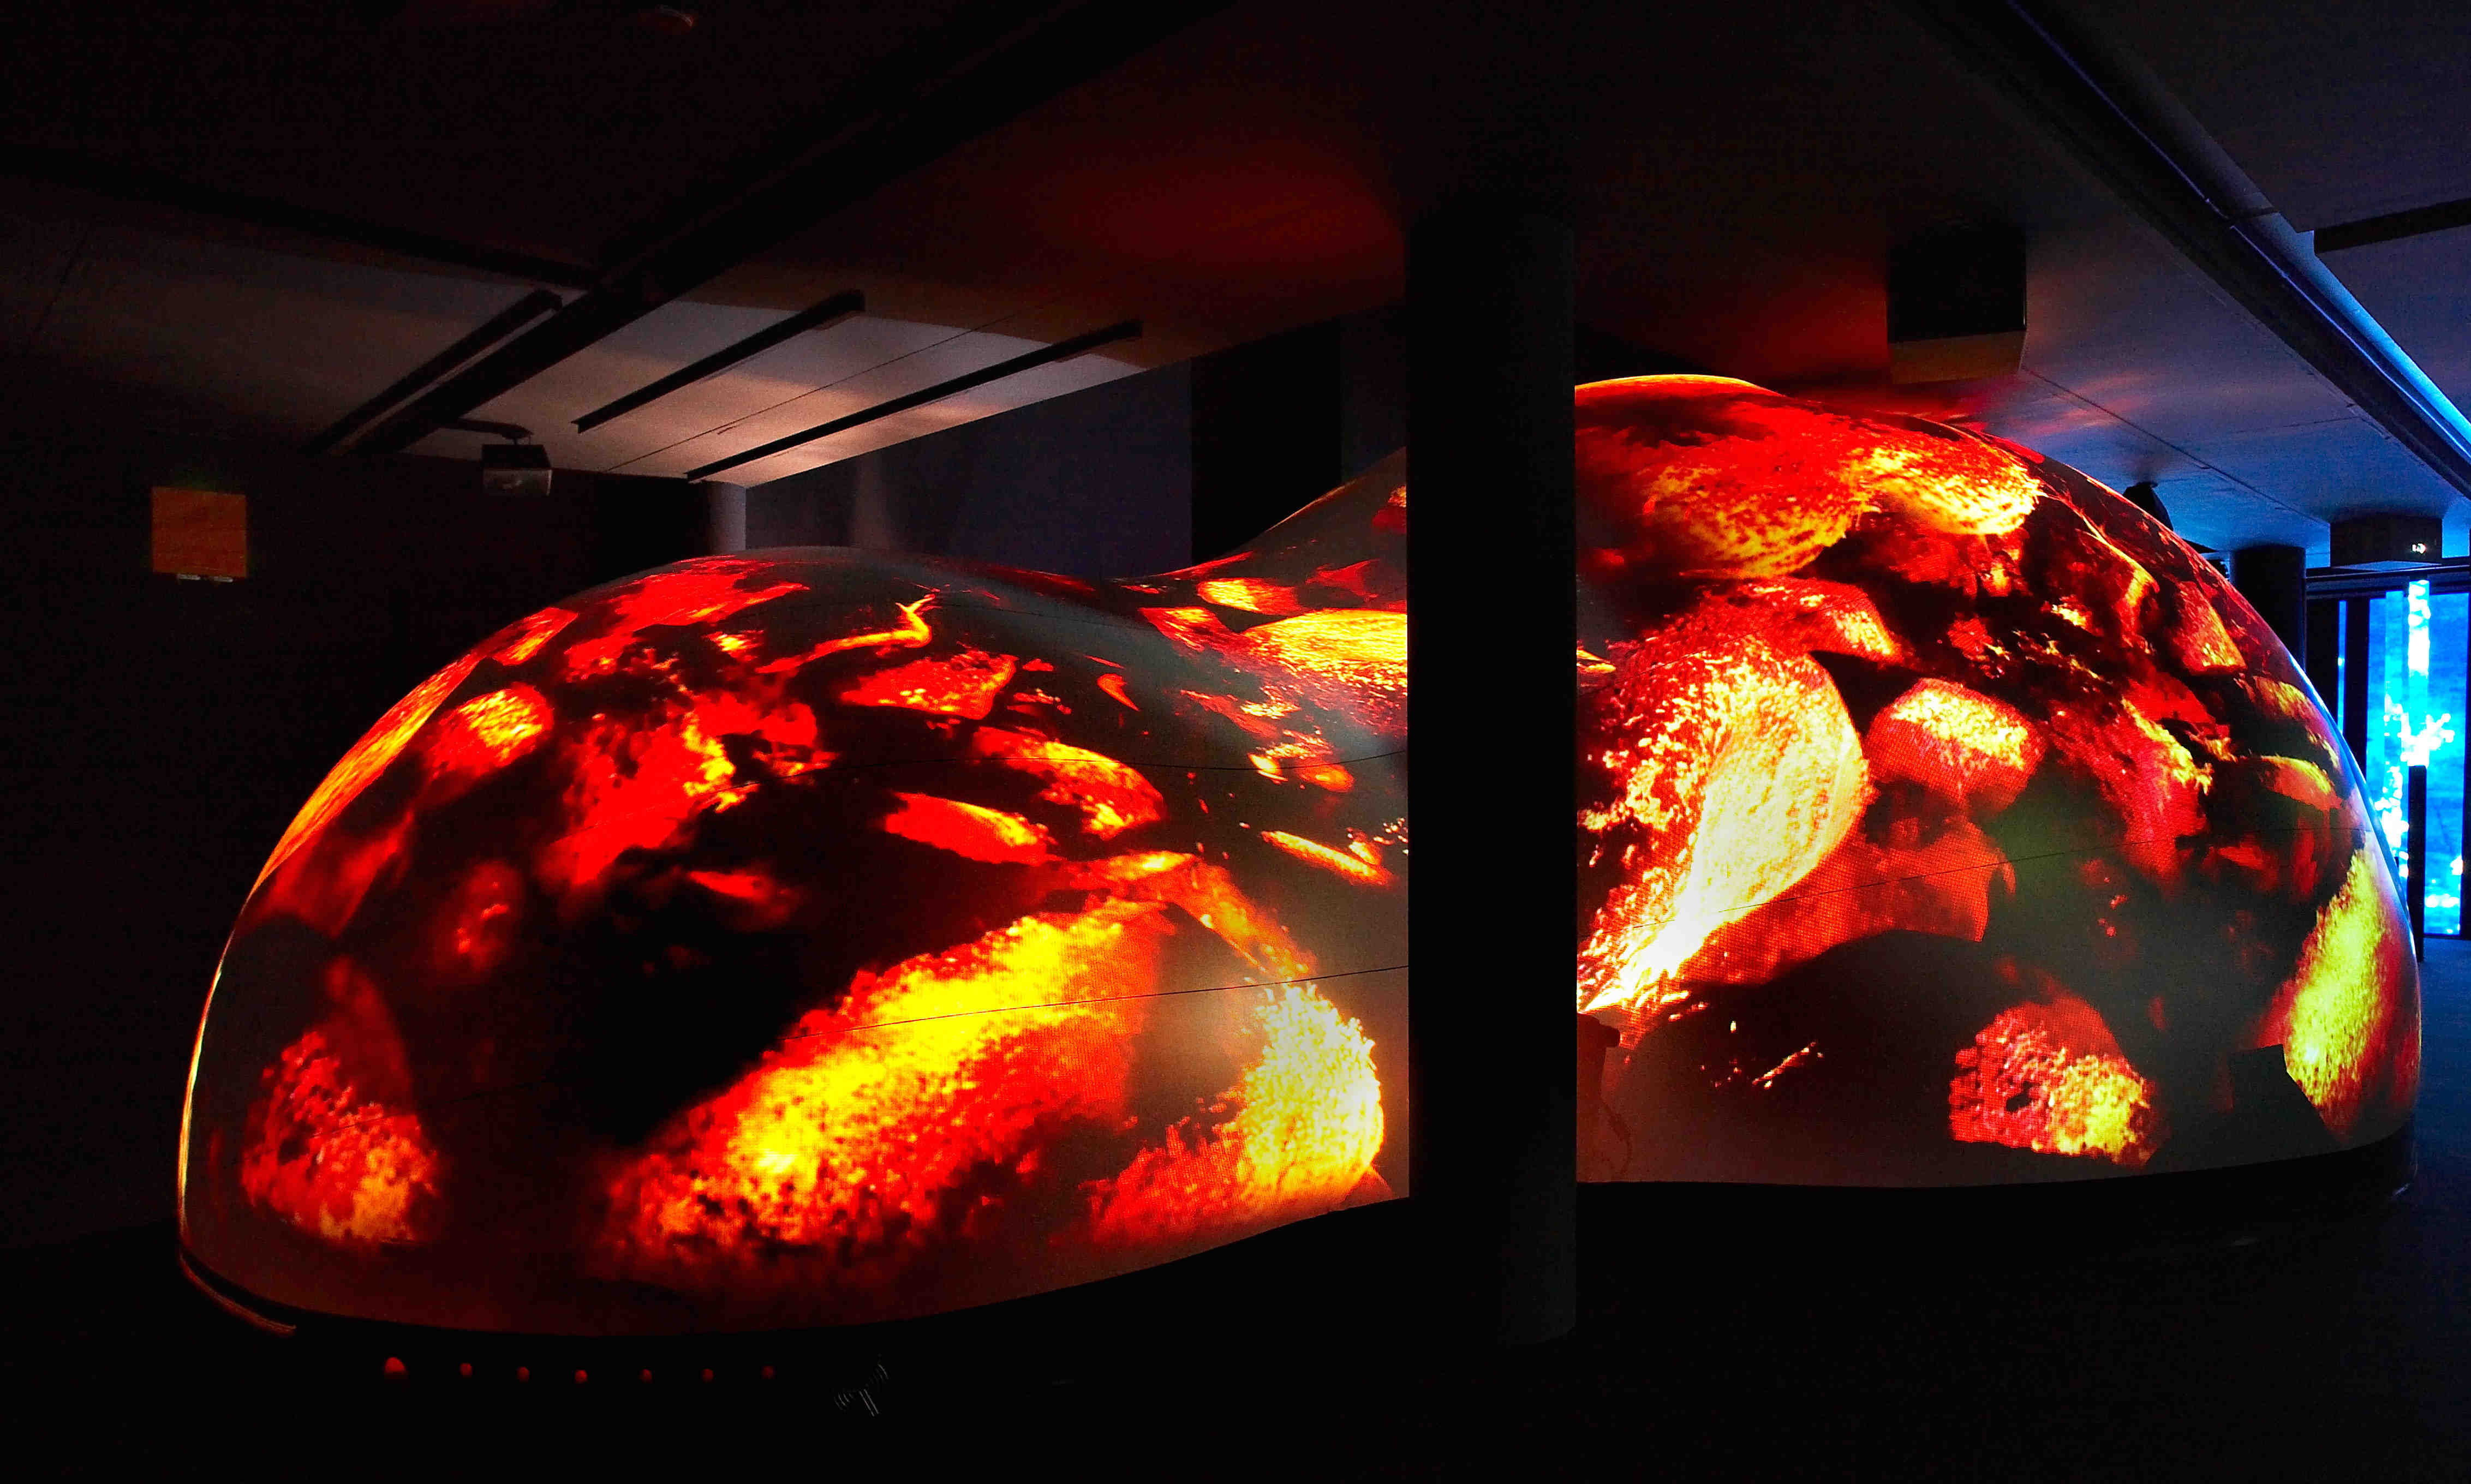 Chaos du feu, installation visuelle et sonore